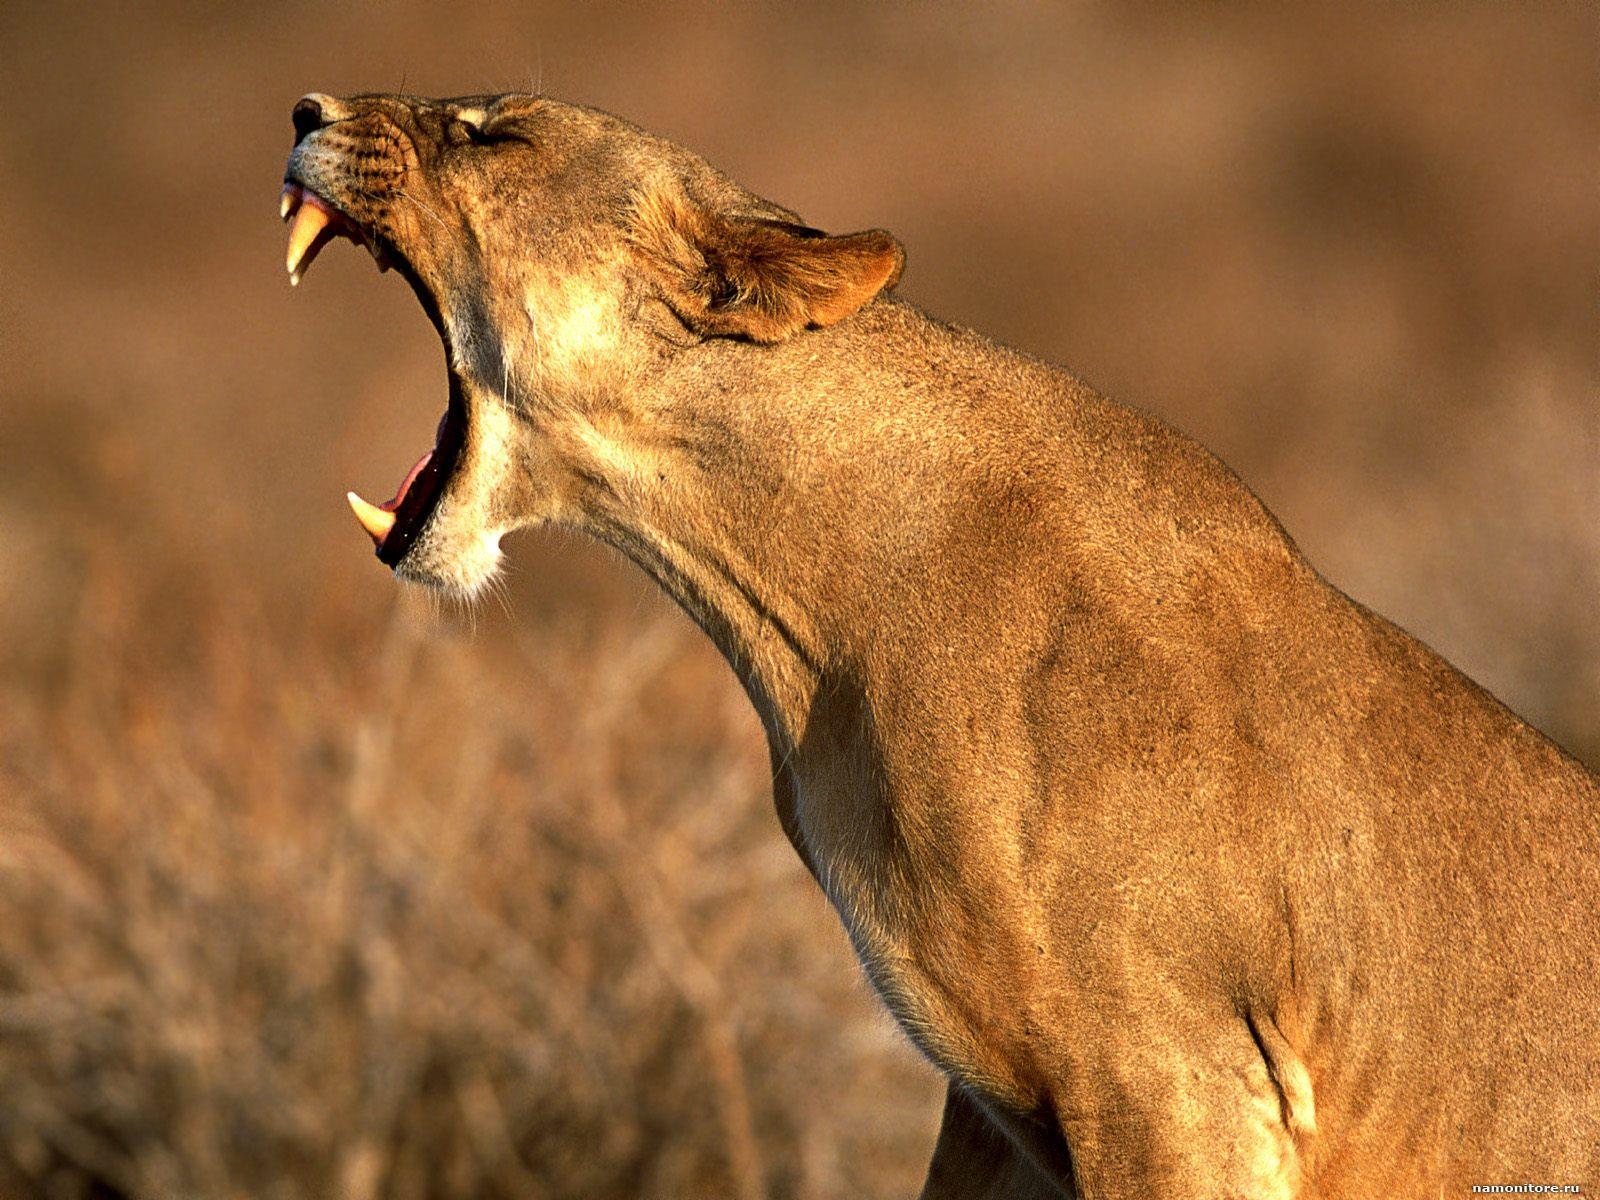 львица скалится, оскал, зубы, клыки, скачать фото, обои для рабочего стола